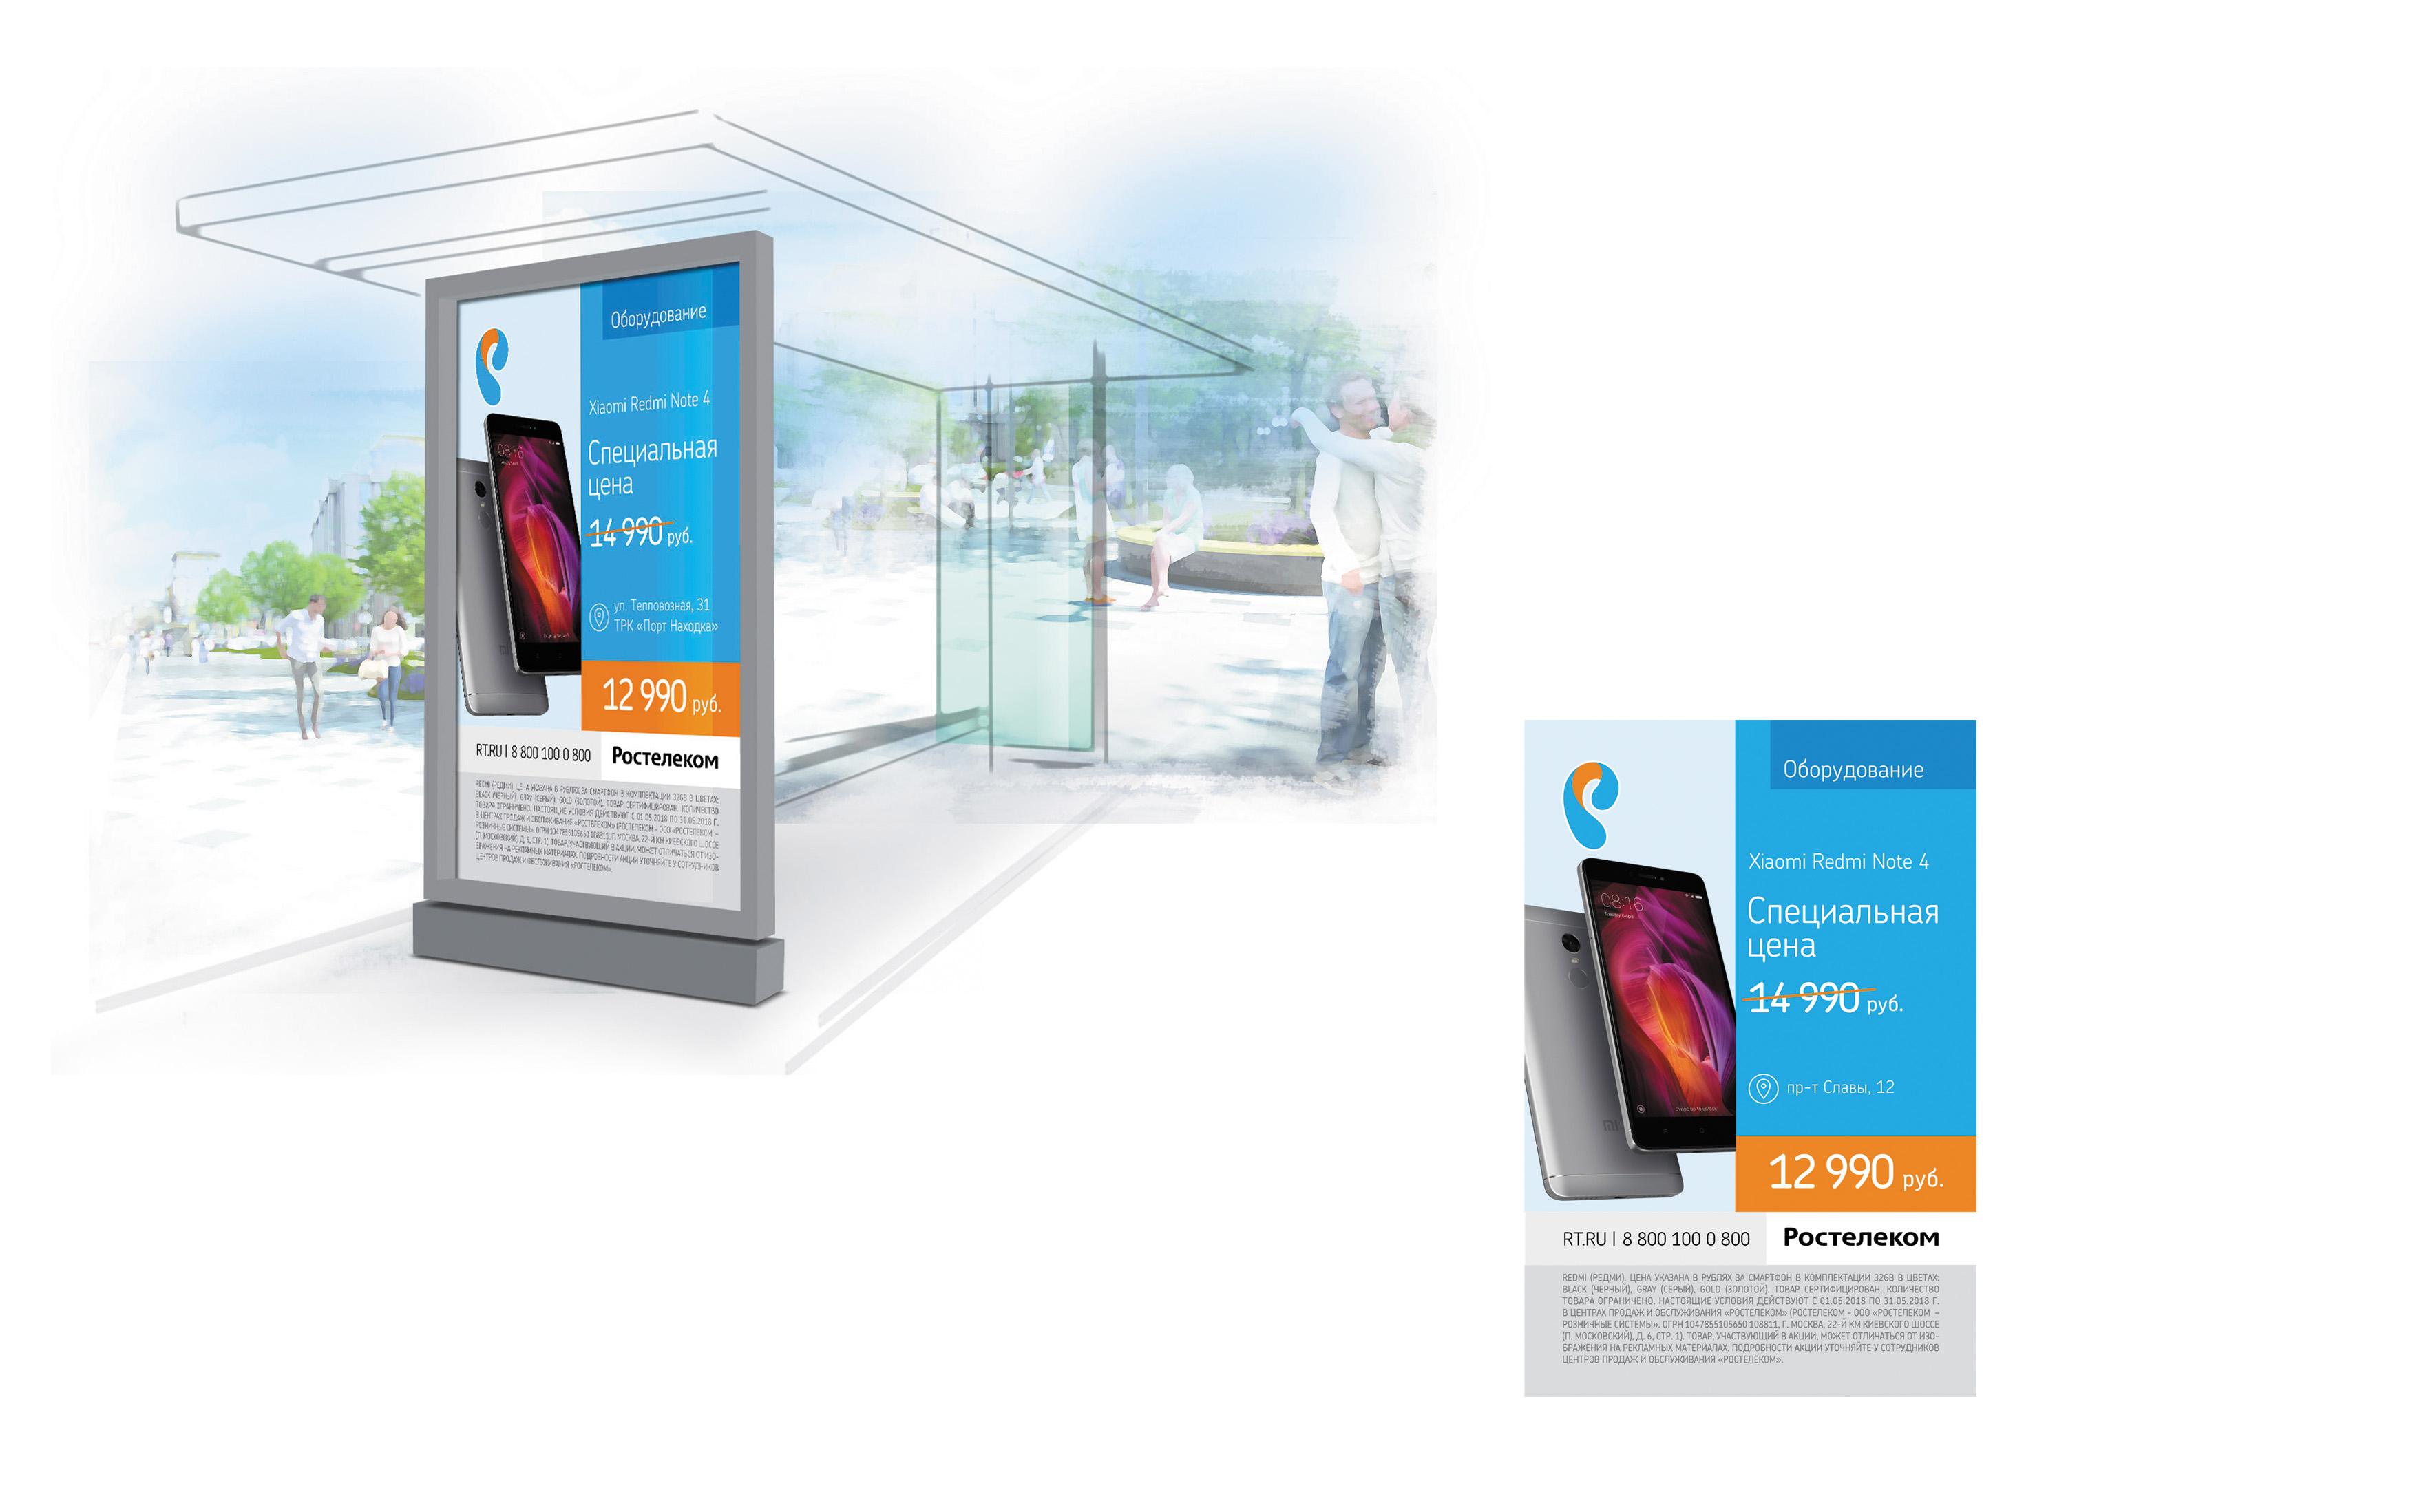 """Дизайн и размещение рекламы на автобусной остановке для компании """"Ростелеком"""""""